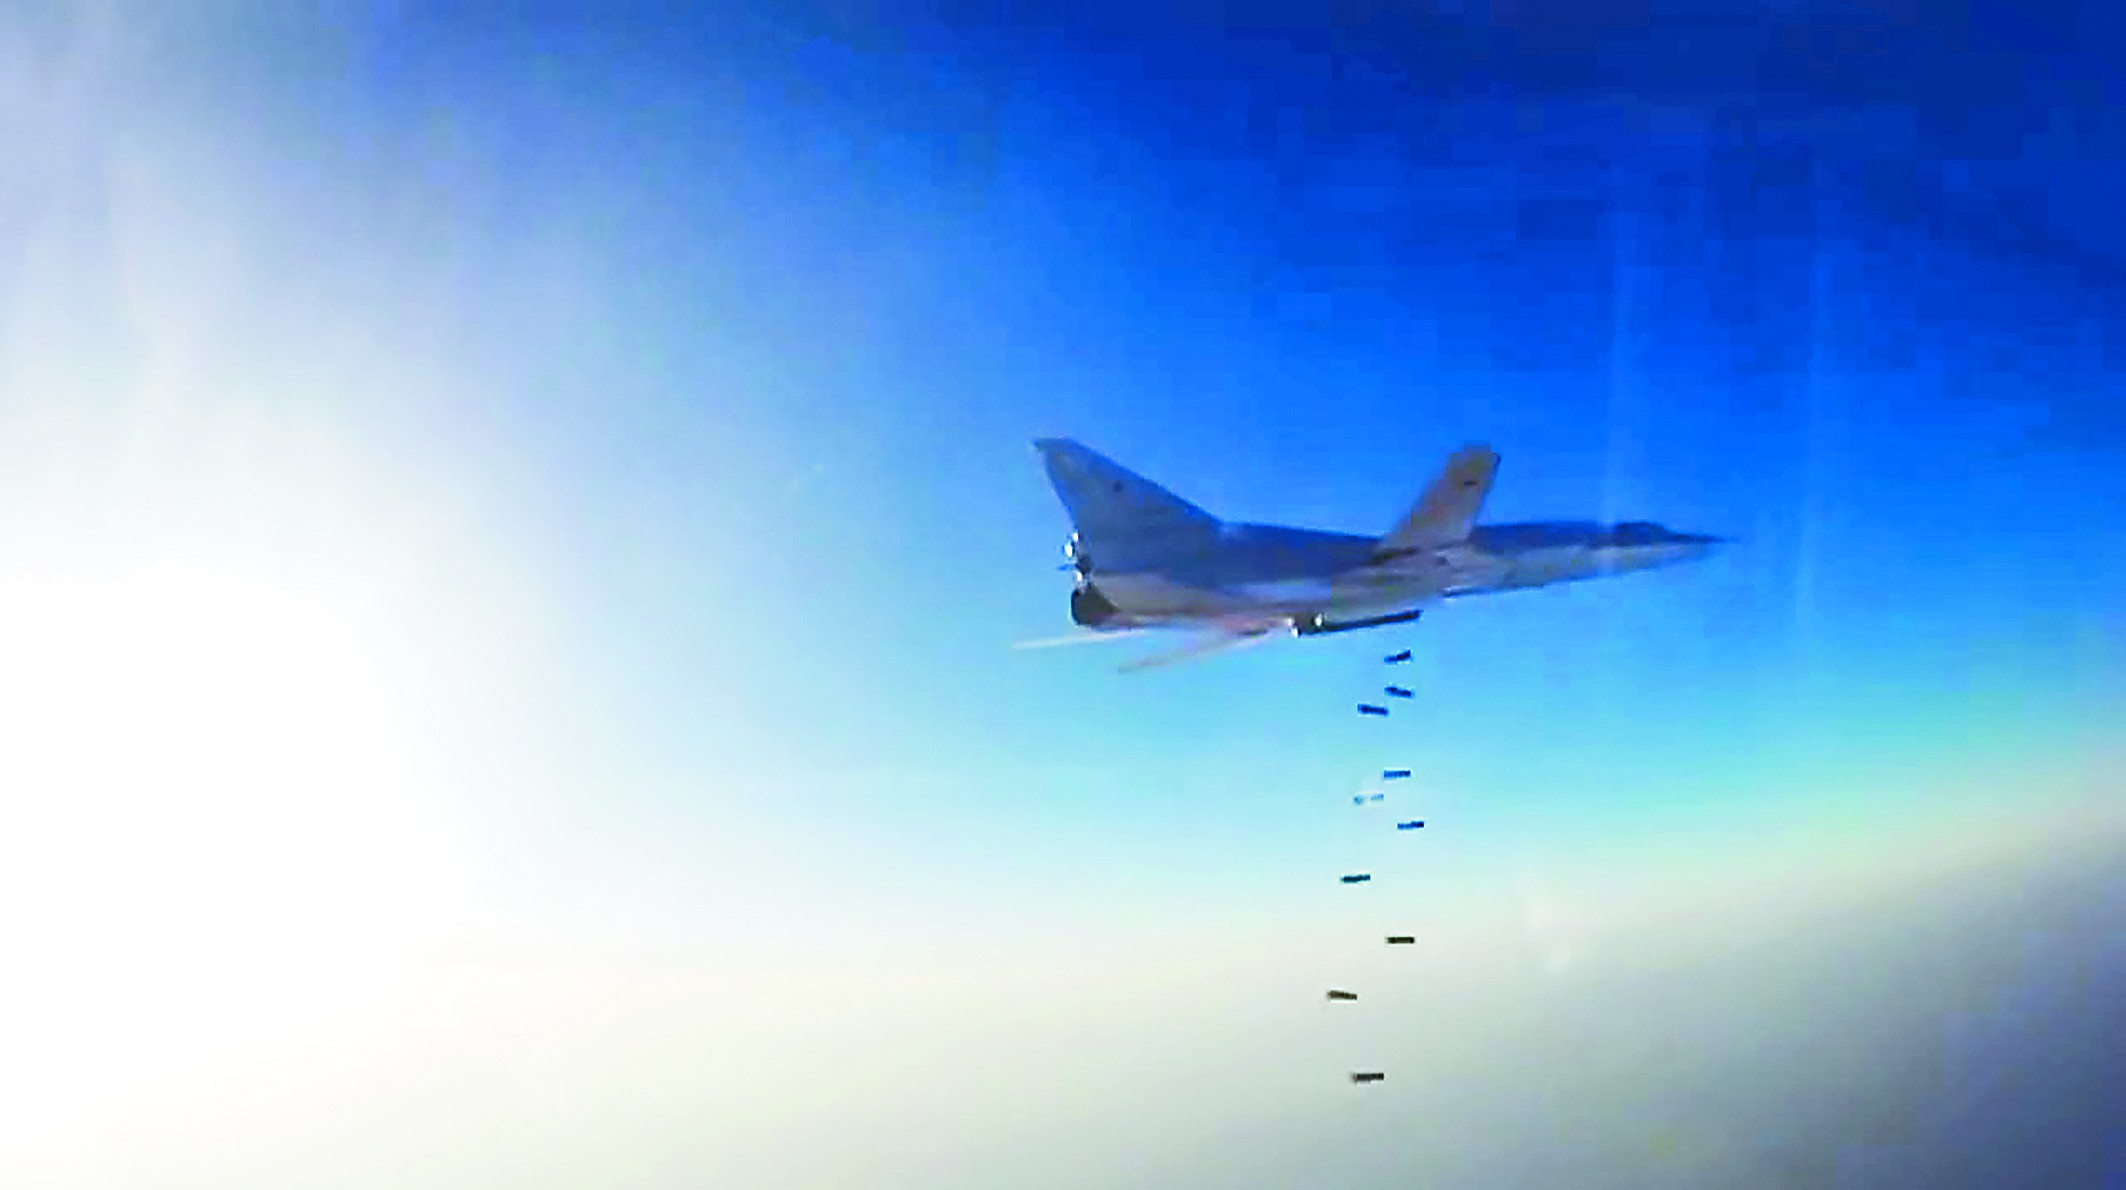 社评:俄罗斯又从伊朗踹了美国的屁股